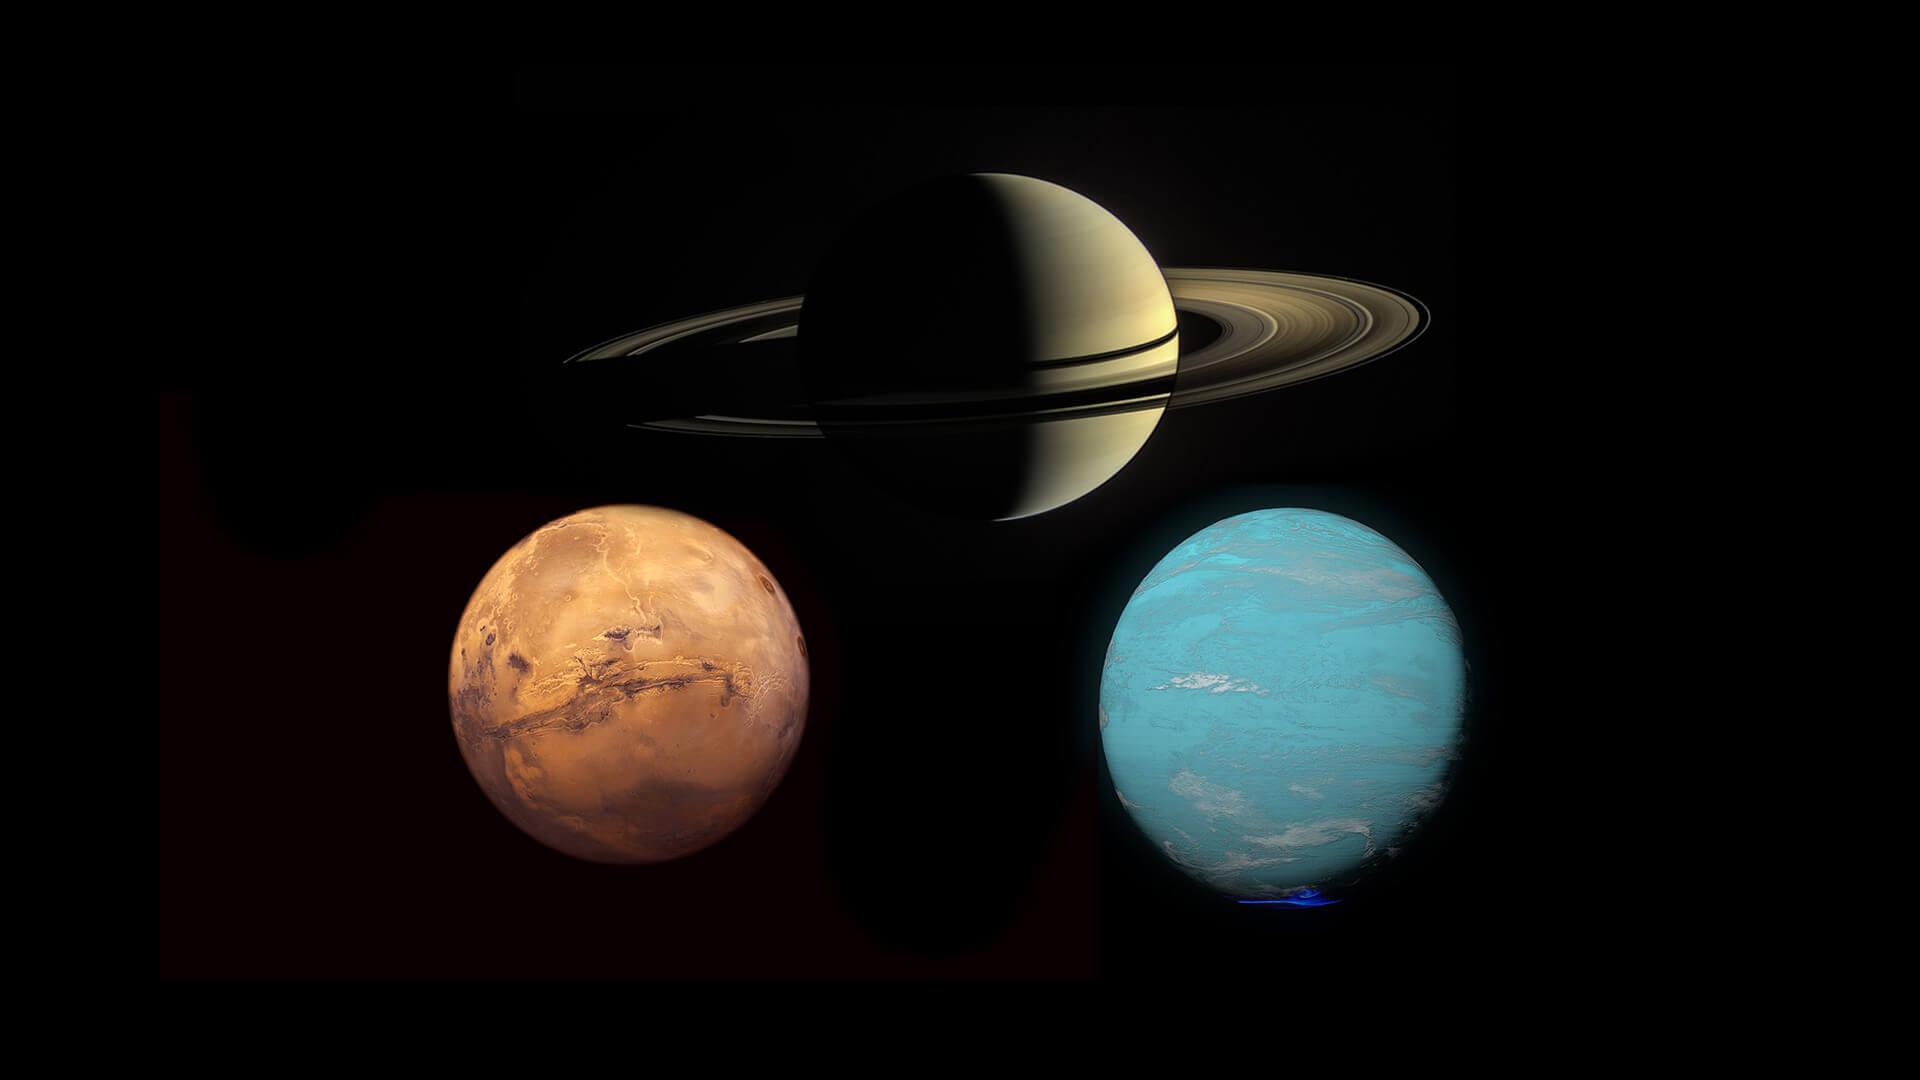 Mars opposite Saturn and square Uranus